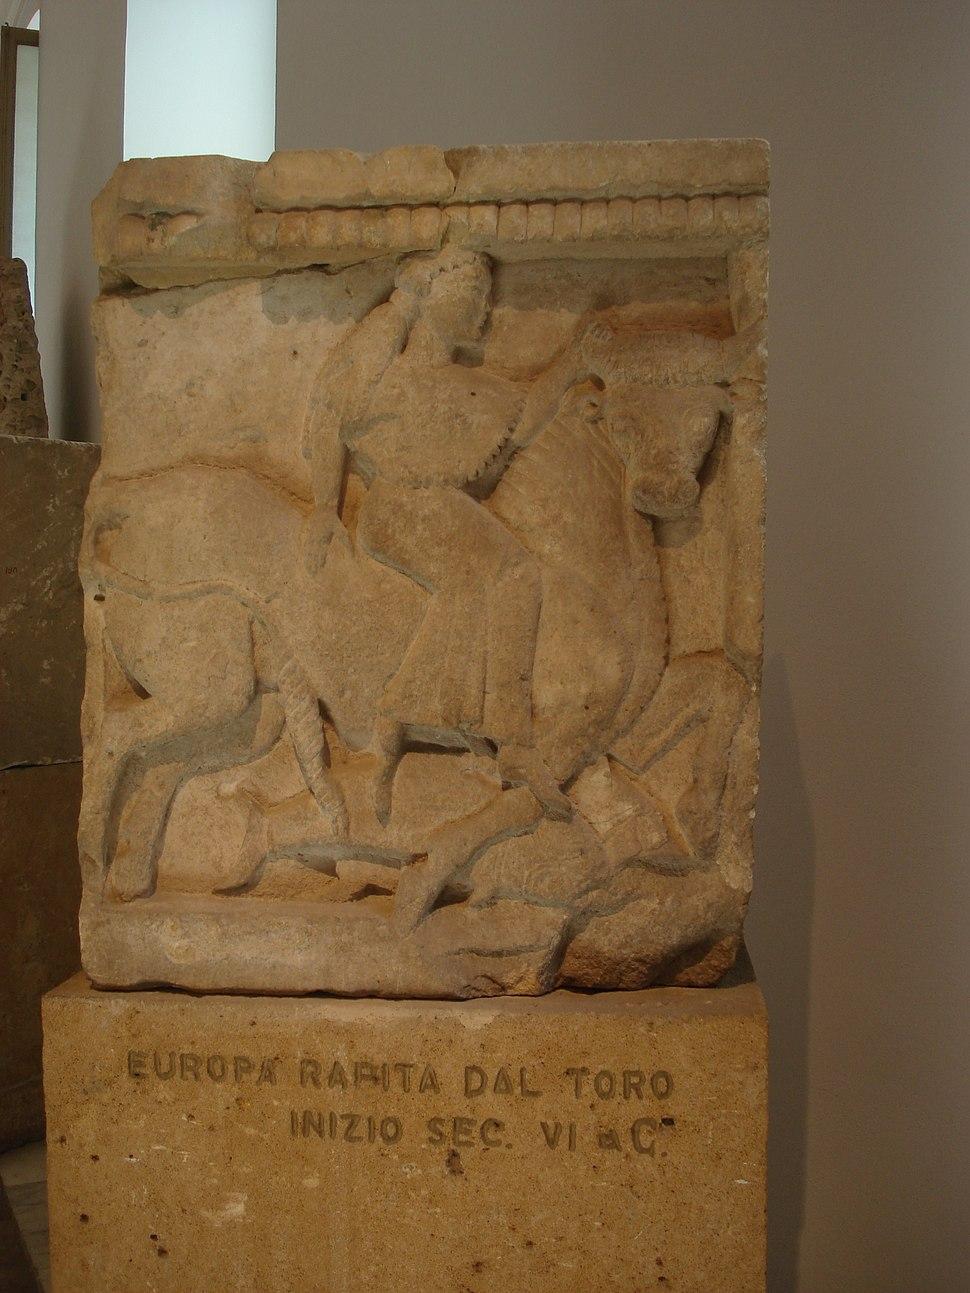 DSC00412 - Tempio Y di Selinunte sec. VIIa.C. - Europa rapita dal toro - Foto G. Dall'Orto